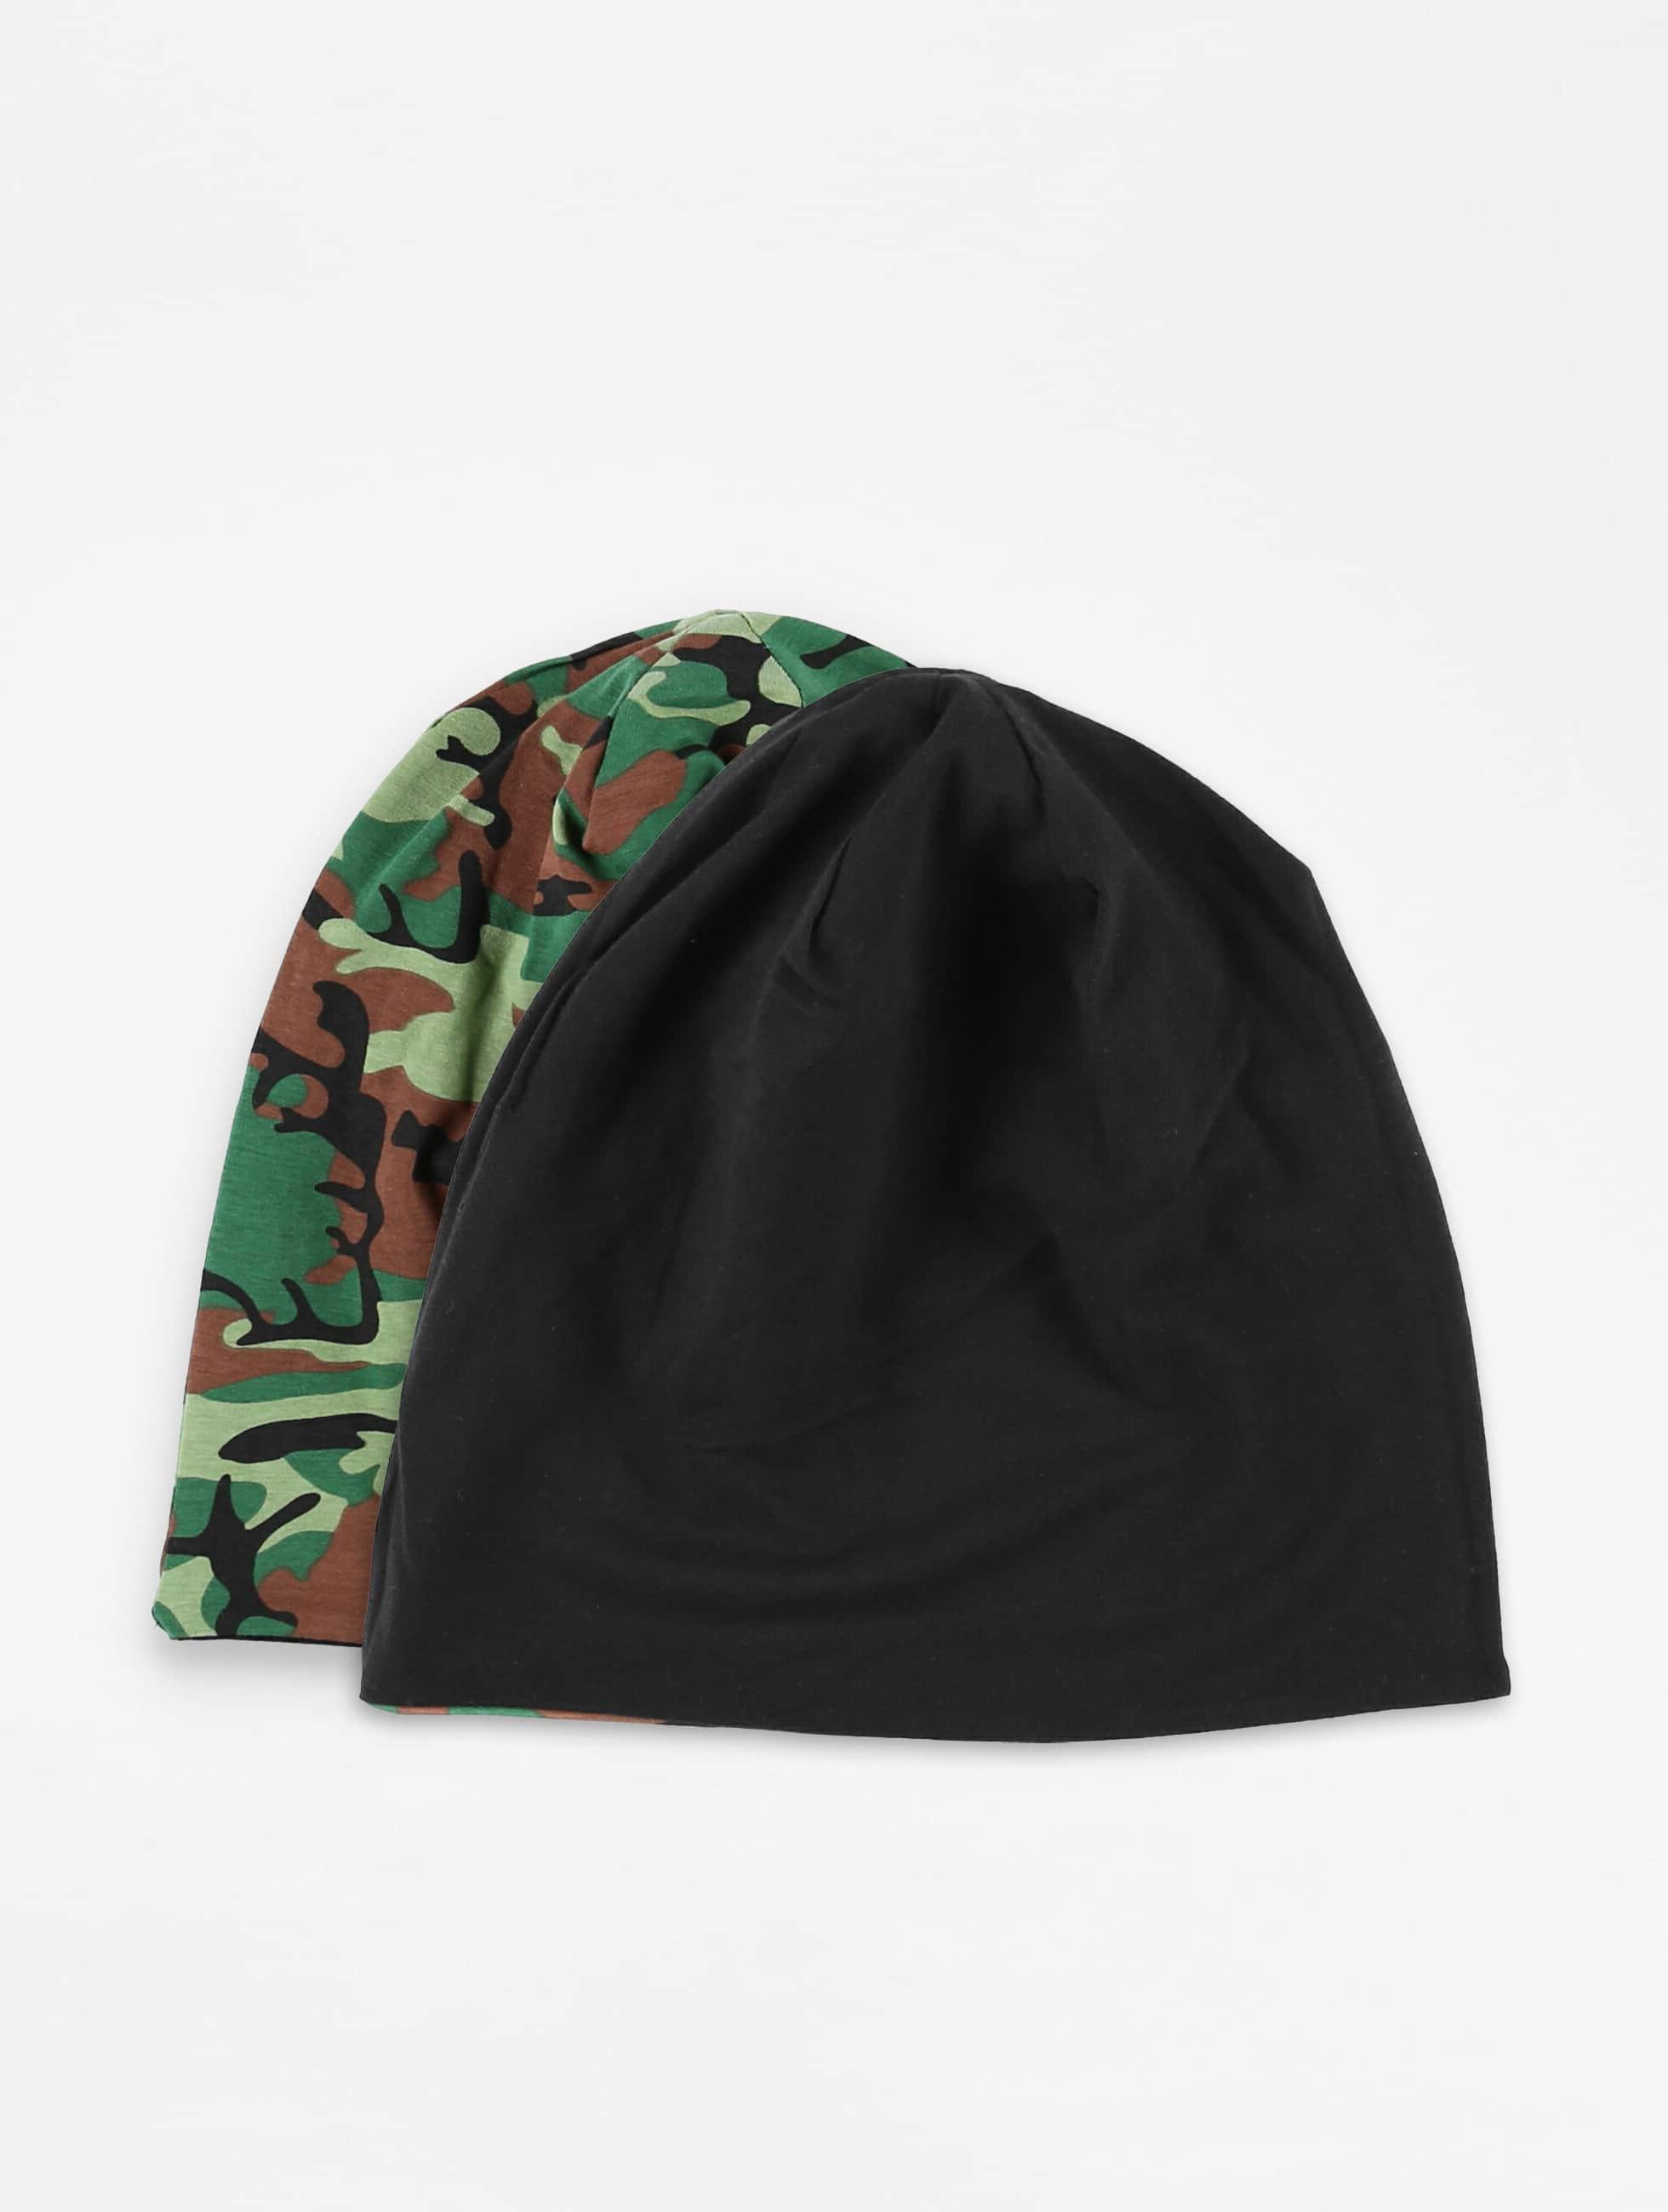 MSTRDS Männer,Frauen Beanie Printed Jersey in camouflage